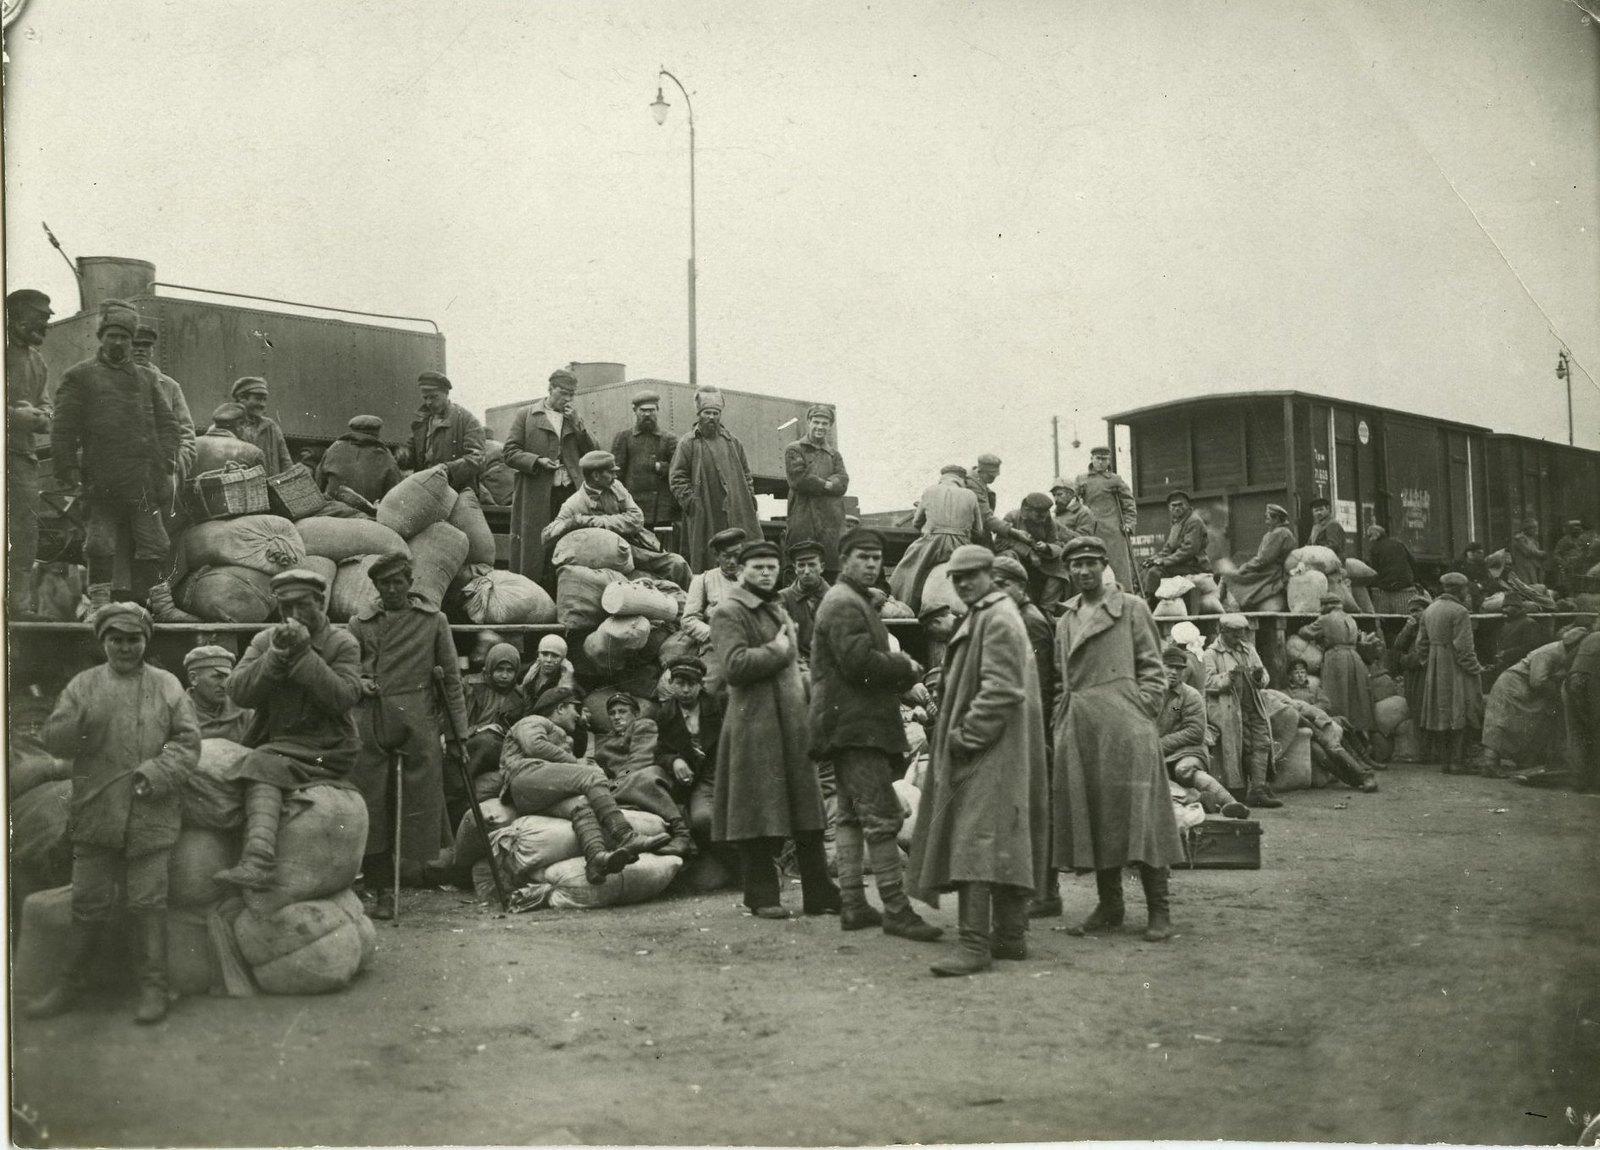 02. 1919. Мешочники на железнодорожной платформе у железнодорожного состава